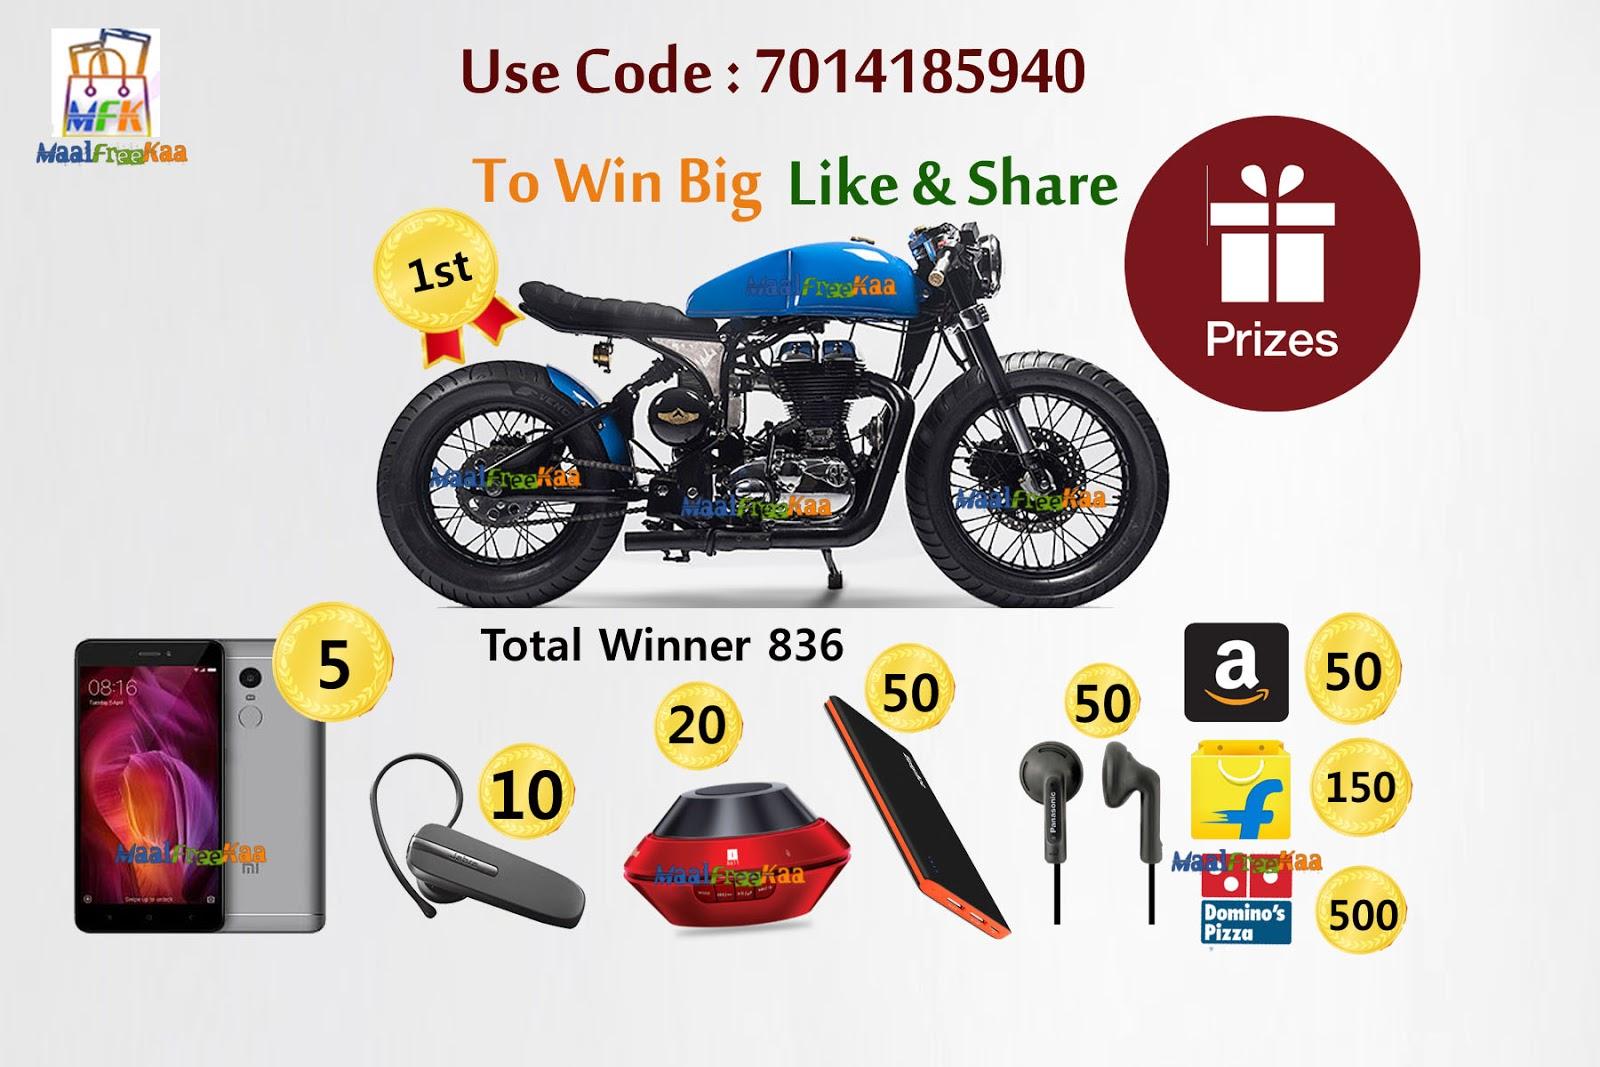 Free bike giveaways